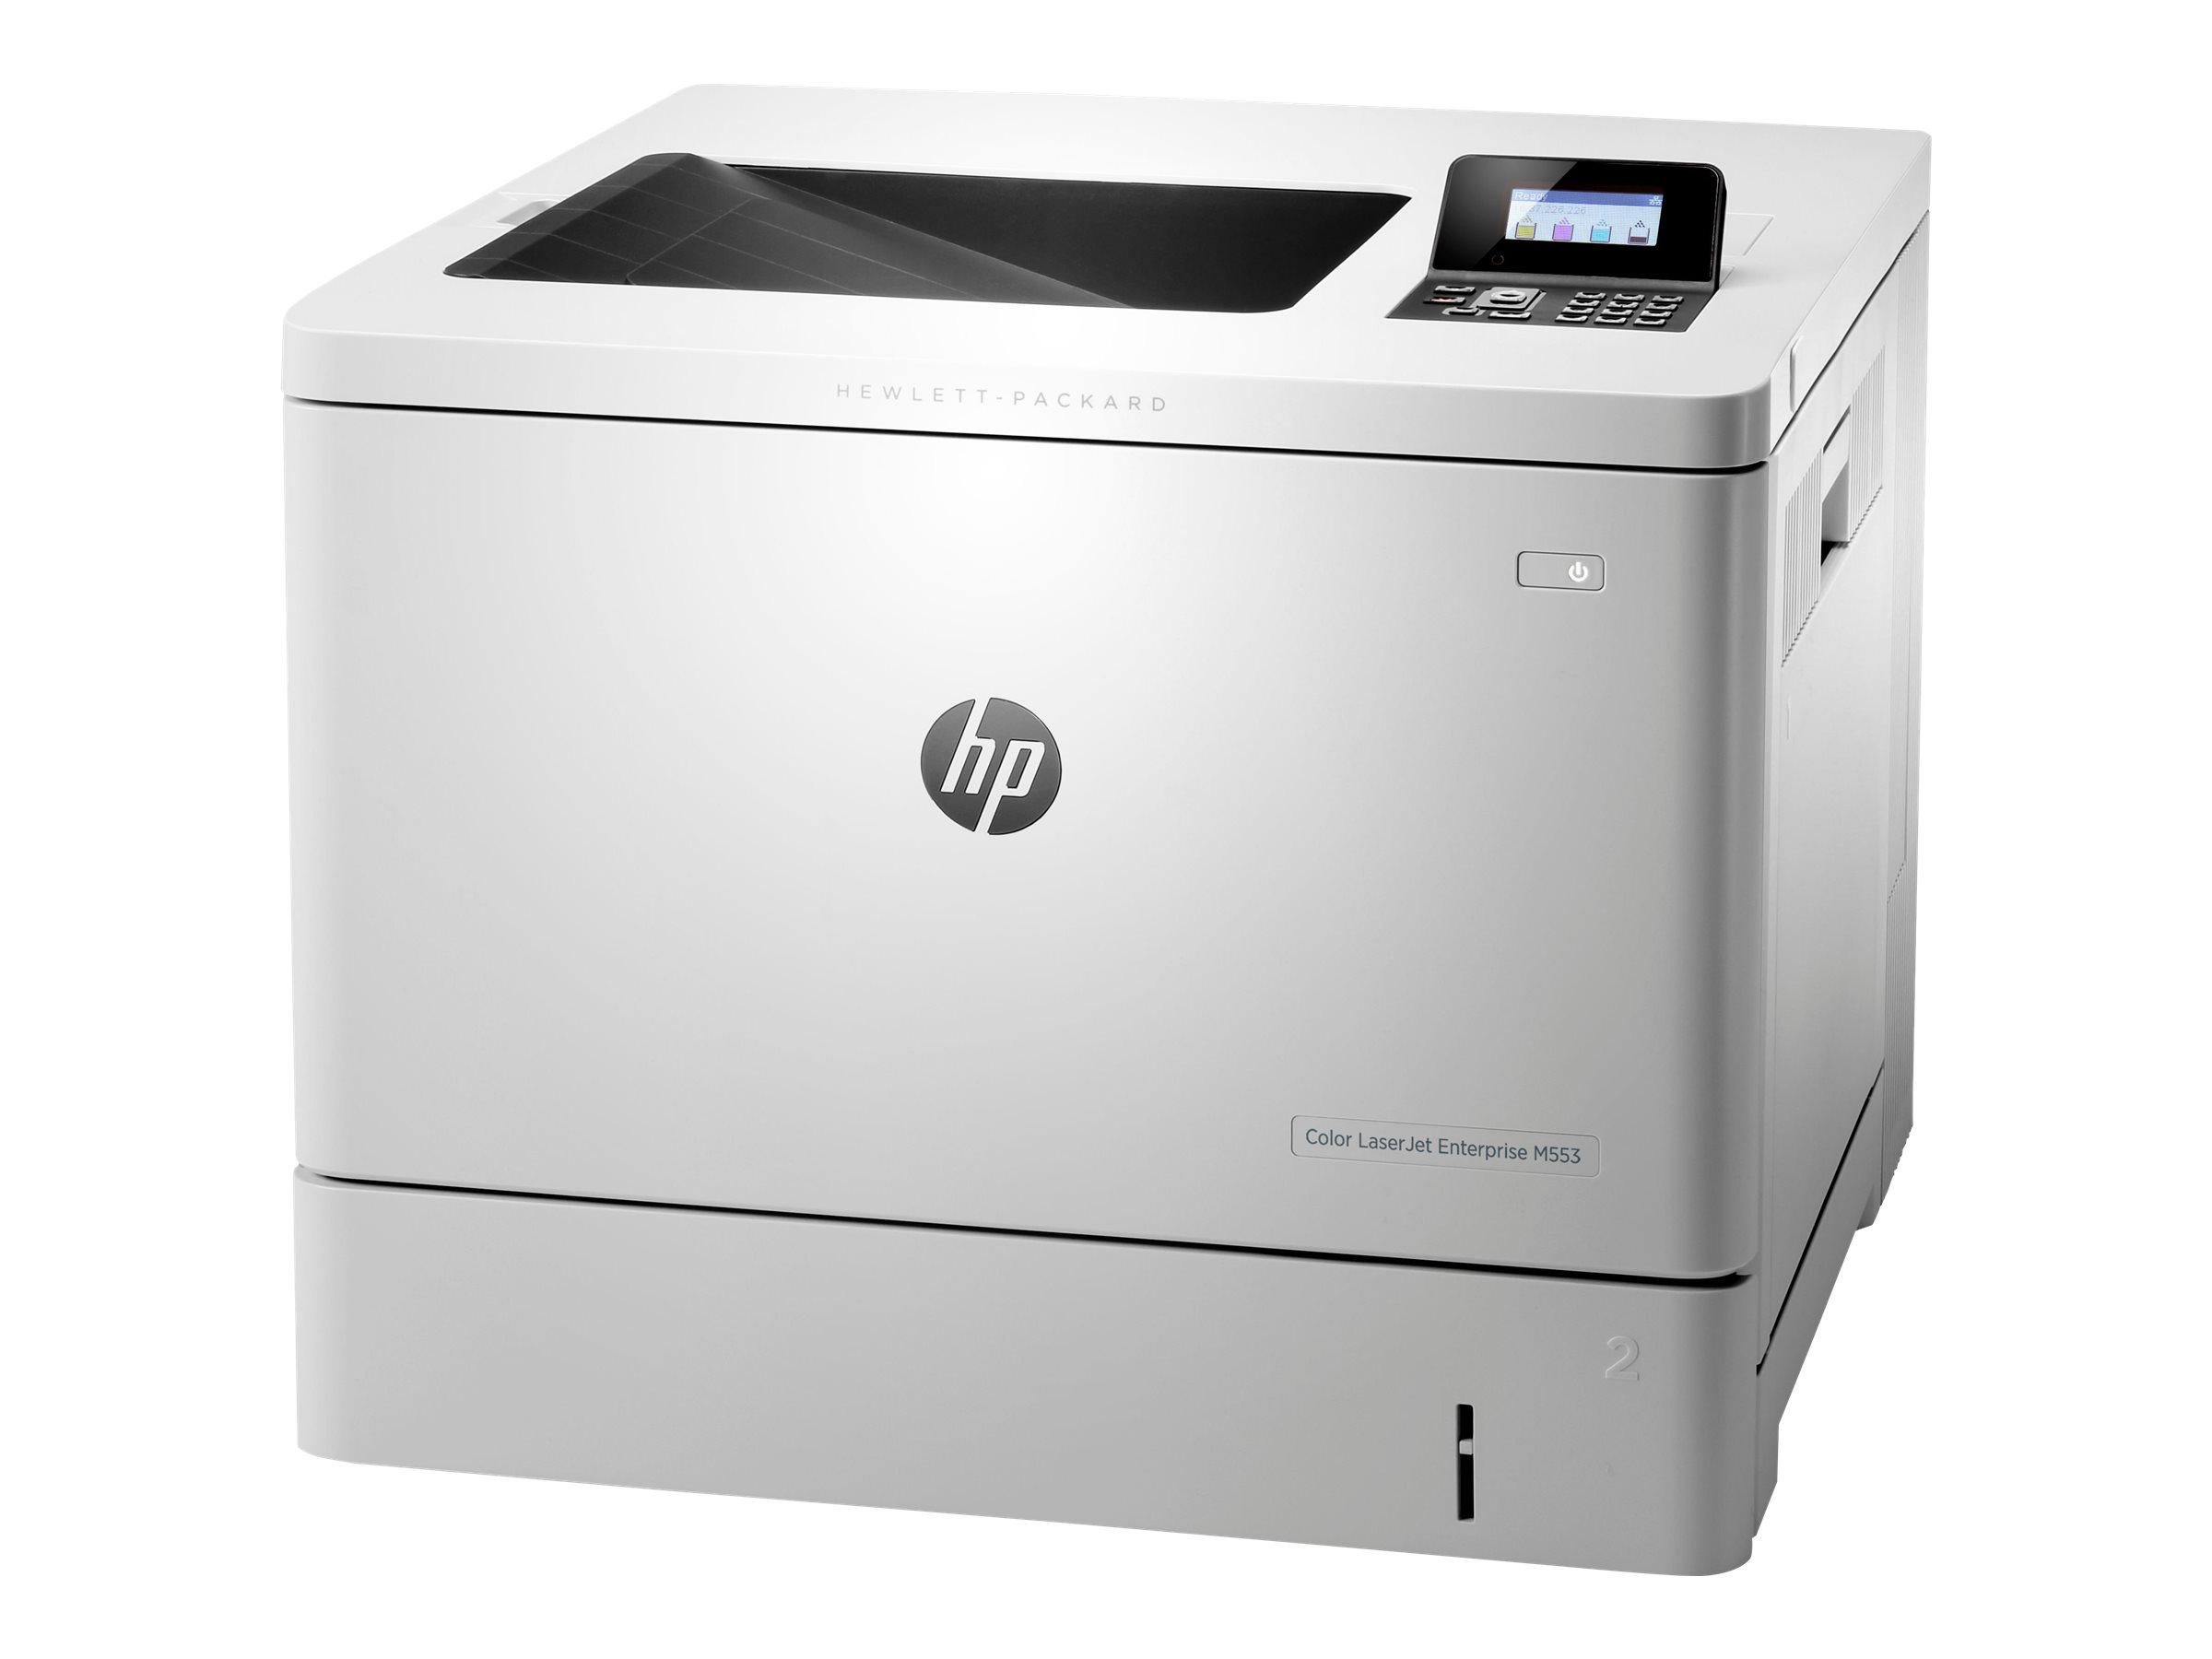 HP Color LaserJet Enterprise M553dn - Drucker - Farbe - Duplex - Laser - A4/Legal - 1200 x 1200 dpi - bis zu 38 Seiten/Min. (einfarbig)/